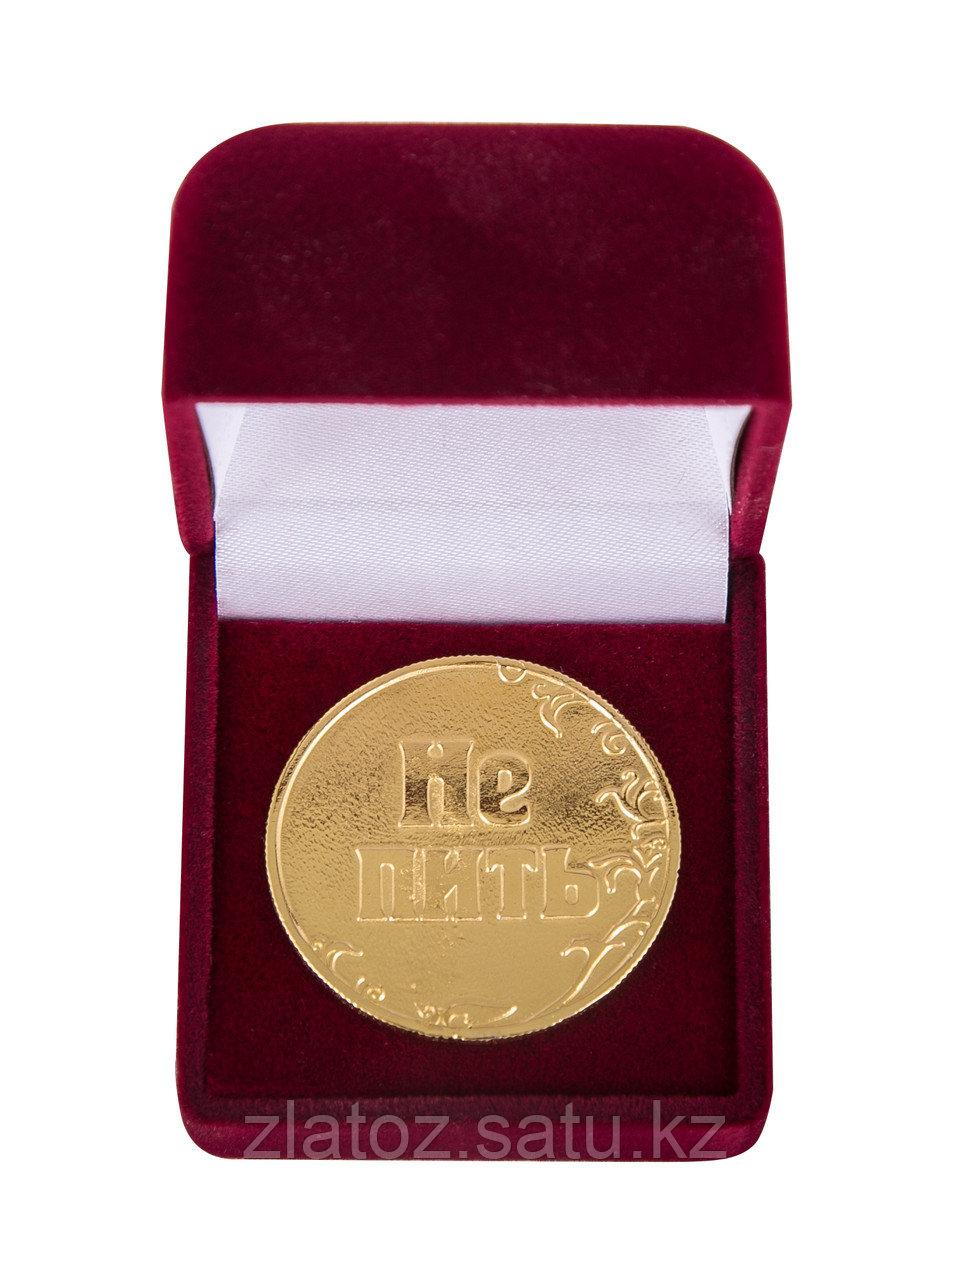 """Сувенир монета """"Пить - Не пить"""" - Купить в Казахстане - фото 2"""